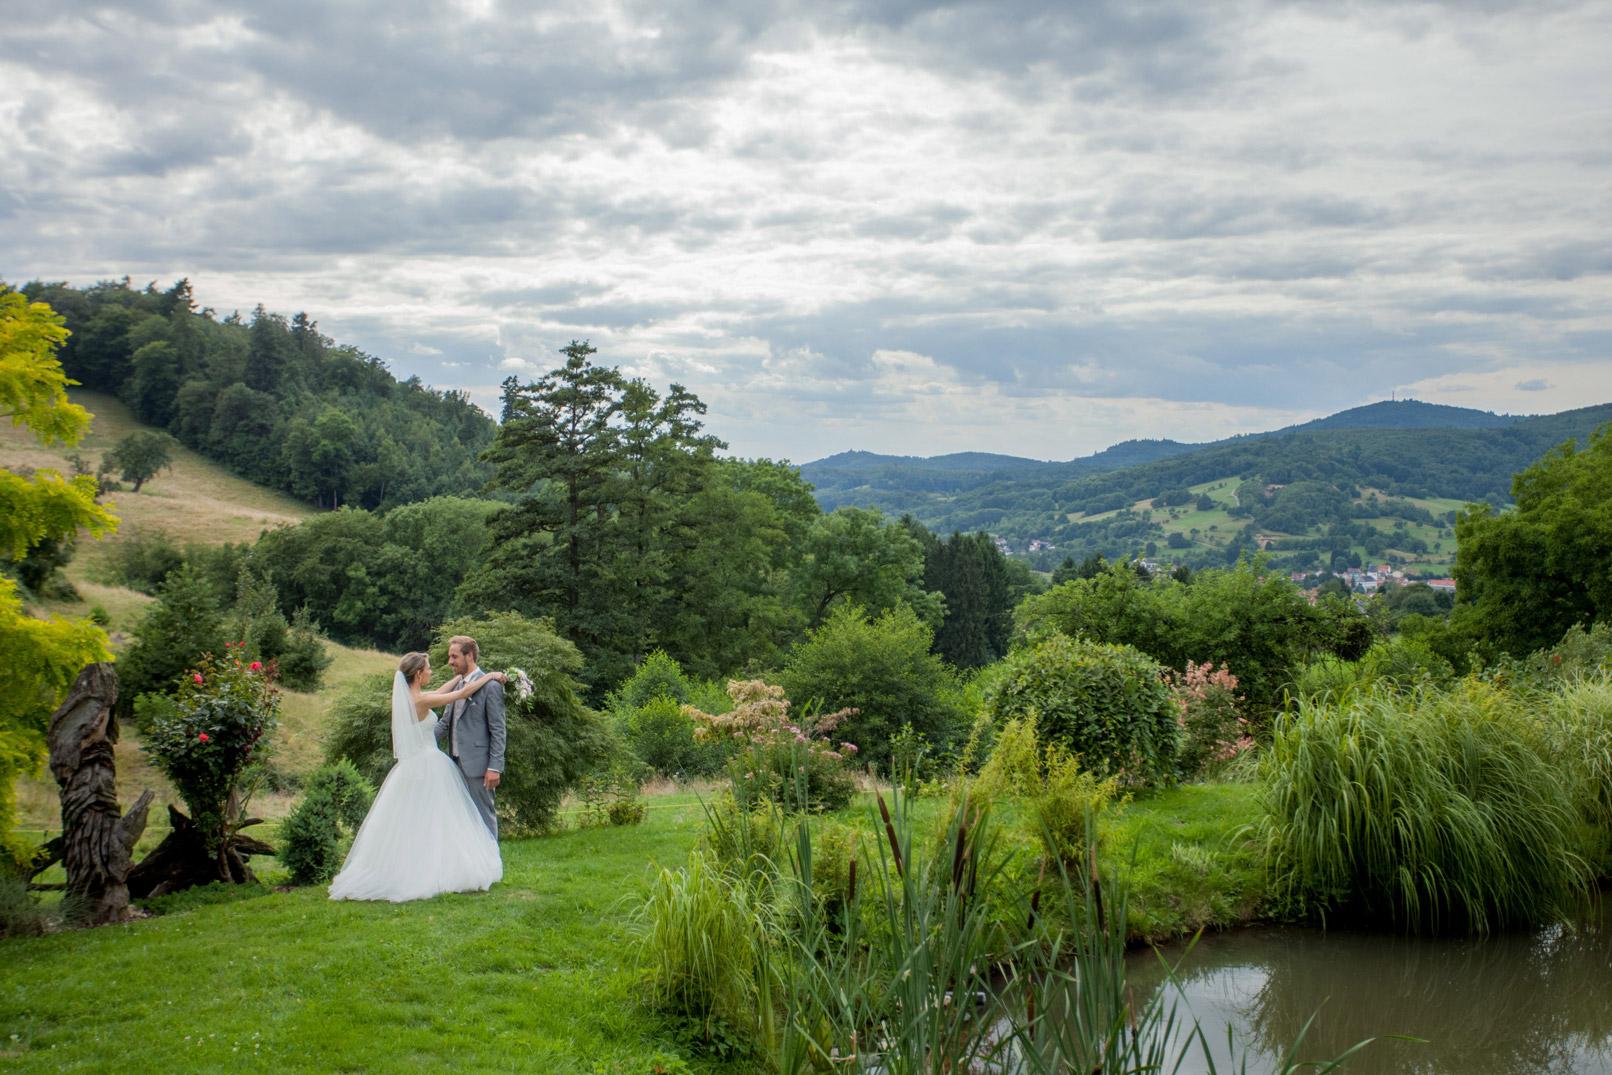 Hochzeitsfotografie: Brautpaar-Shooting in einer Landschaft